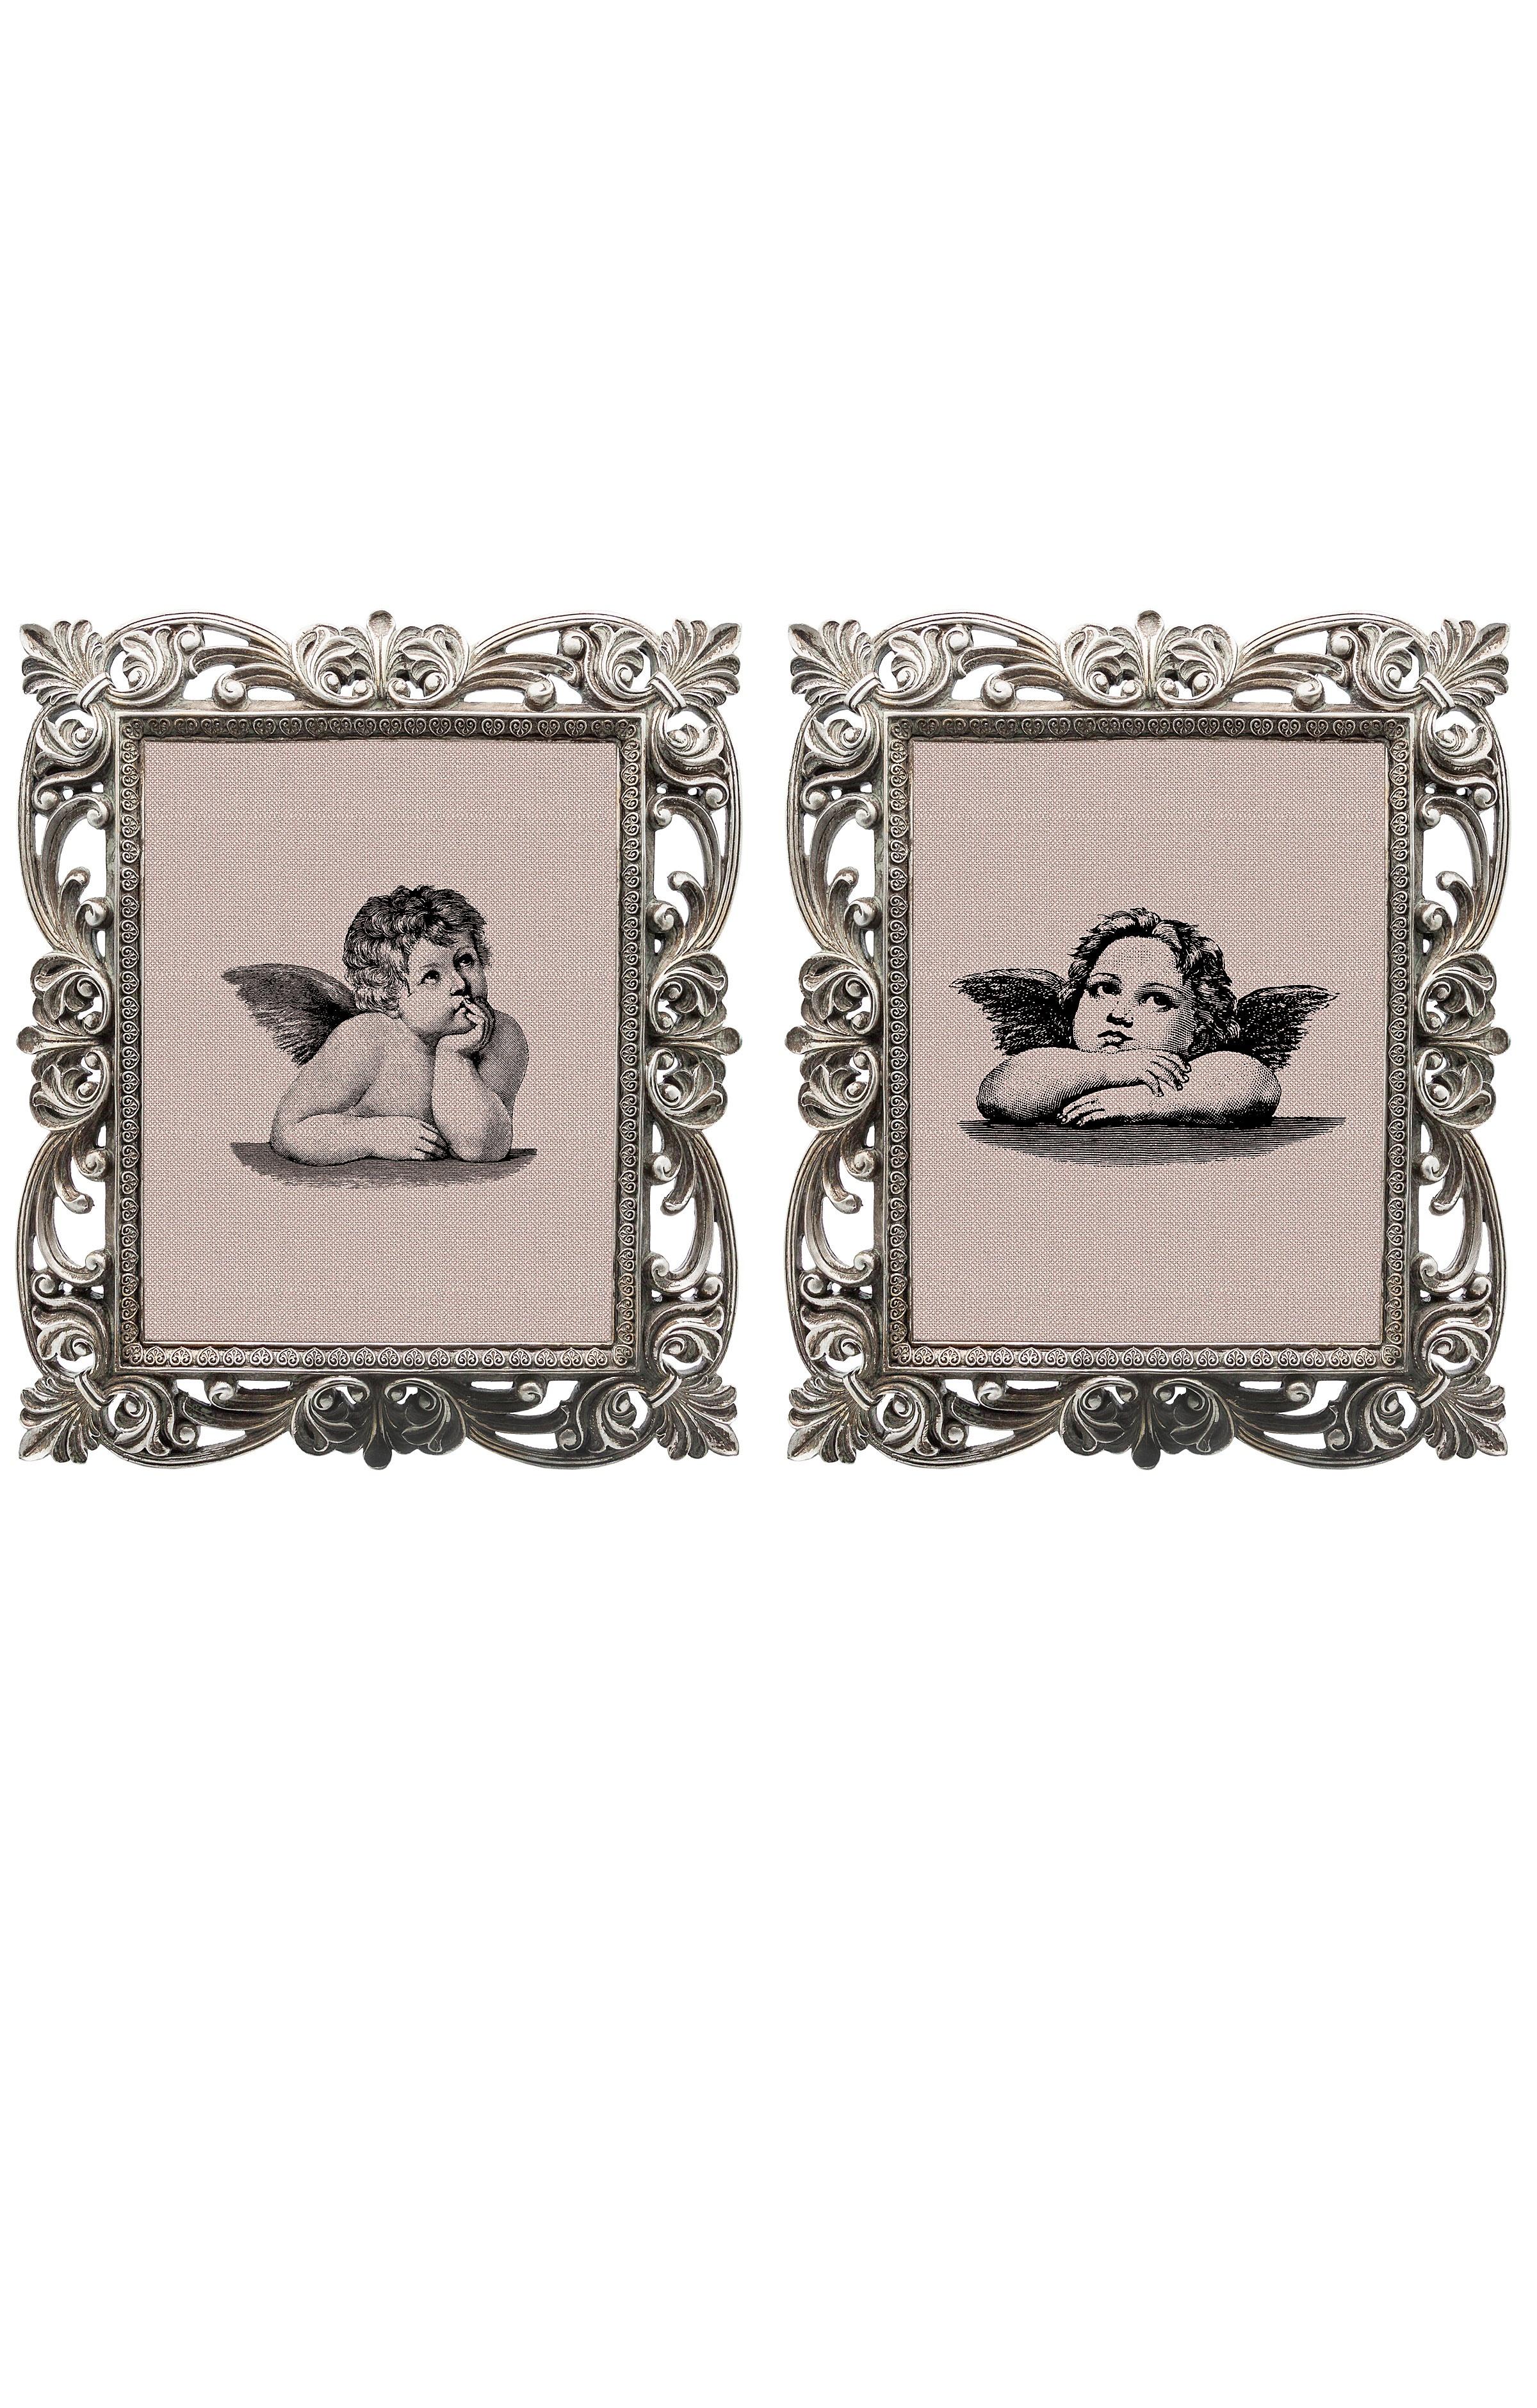 Набор из двух репродукций БеатрисКартины<br>&amp;lt;div&amp;gt;Репродукции старинных изображений «Ангелы Санти» — словно череда вековых романтических дежавю. Этот предмет декора демонстрирует взыскательный вкус владельца и вызывает у гостей живой интерес к домашнему убранству. Созданная удивлять и ежедневно дарить прекрасное настроение, эти старинные гравюра займут достойное место в Вашем интерьере. Искусная техника состаривания придает рамам особую теплоту и винтажность. Благородная патина на поверхности рам — интригующее приглашение к прогулке в мир старинных реликвий! Картины можно повесить на стену, а можно поставить, например, на стол или камин. Если Вам захочется обновить интерьер, Вы можете с легкостью заменить изображение картин!&amp;lt;/div&amp;gt;&amp;lt;div&amp;gt;&amp;lt;br&amp;gt;&amp;lt;/div&amp;gt;&amp;lt;div&amp;gt;Изображение - дизайнерская бумага; рама - искуственный камень; защитный слой - стекло&amp;amp;nbsp;&amp;lt;/div&amp;gt;&amp;lt;div&amp;gt;цвет:мультиколор&amp;amp;nbsp;&amp;lt;/div&amp;gt;&amp;lt;div&amp;gt;&amp;lt;br&amp;gt;&amp;lt;/div&amp;gt;<br><br>Material: Бумага<br>Ширина см: 30<br>Высота см: 35<br>Глубина см: 2